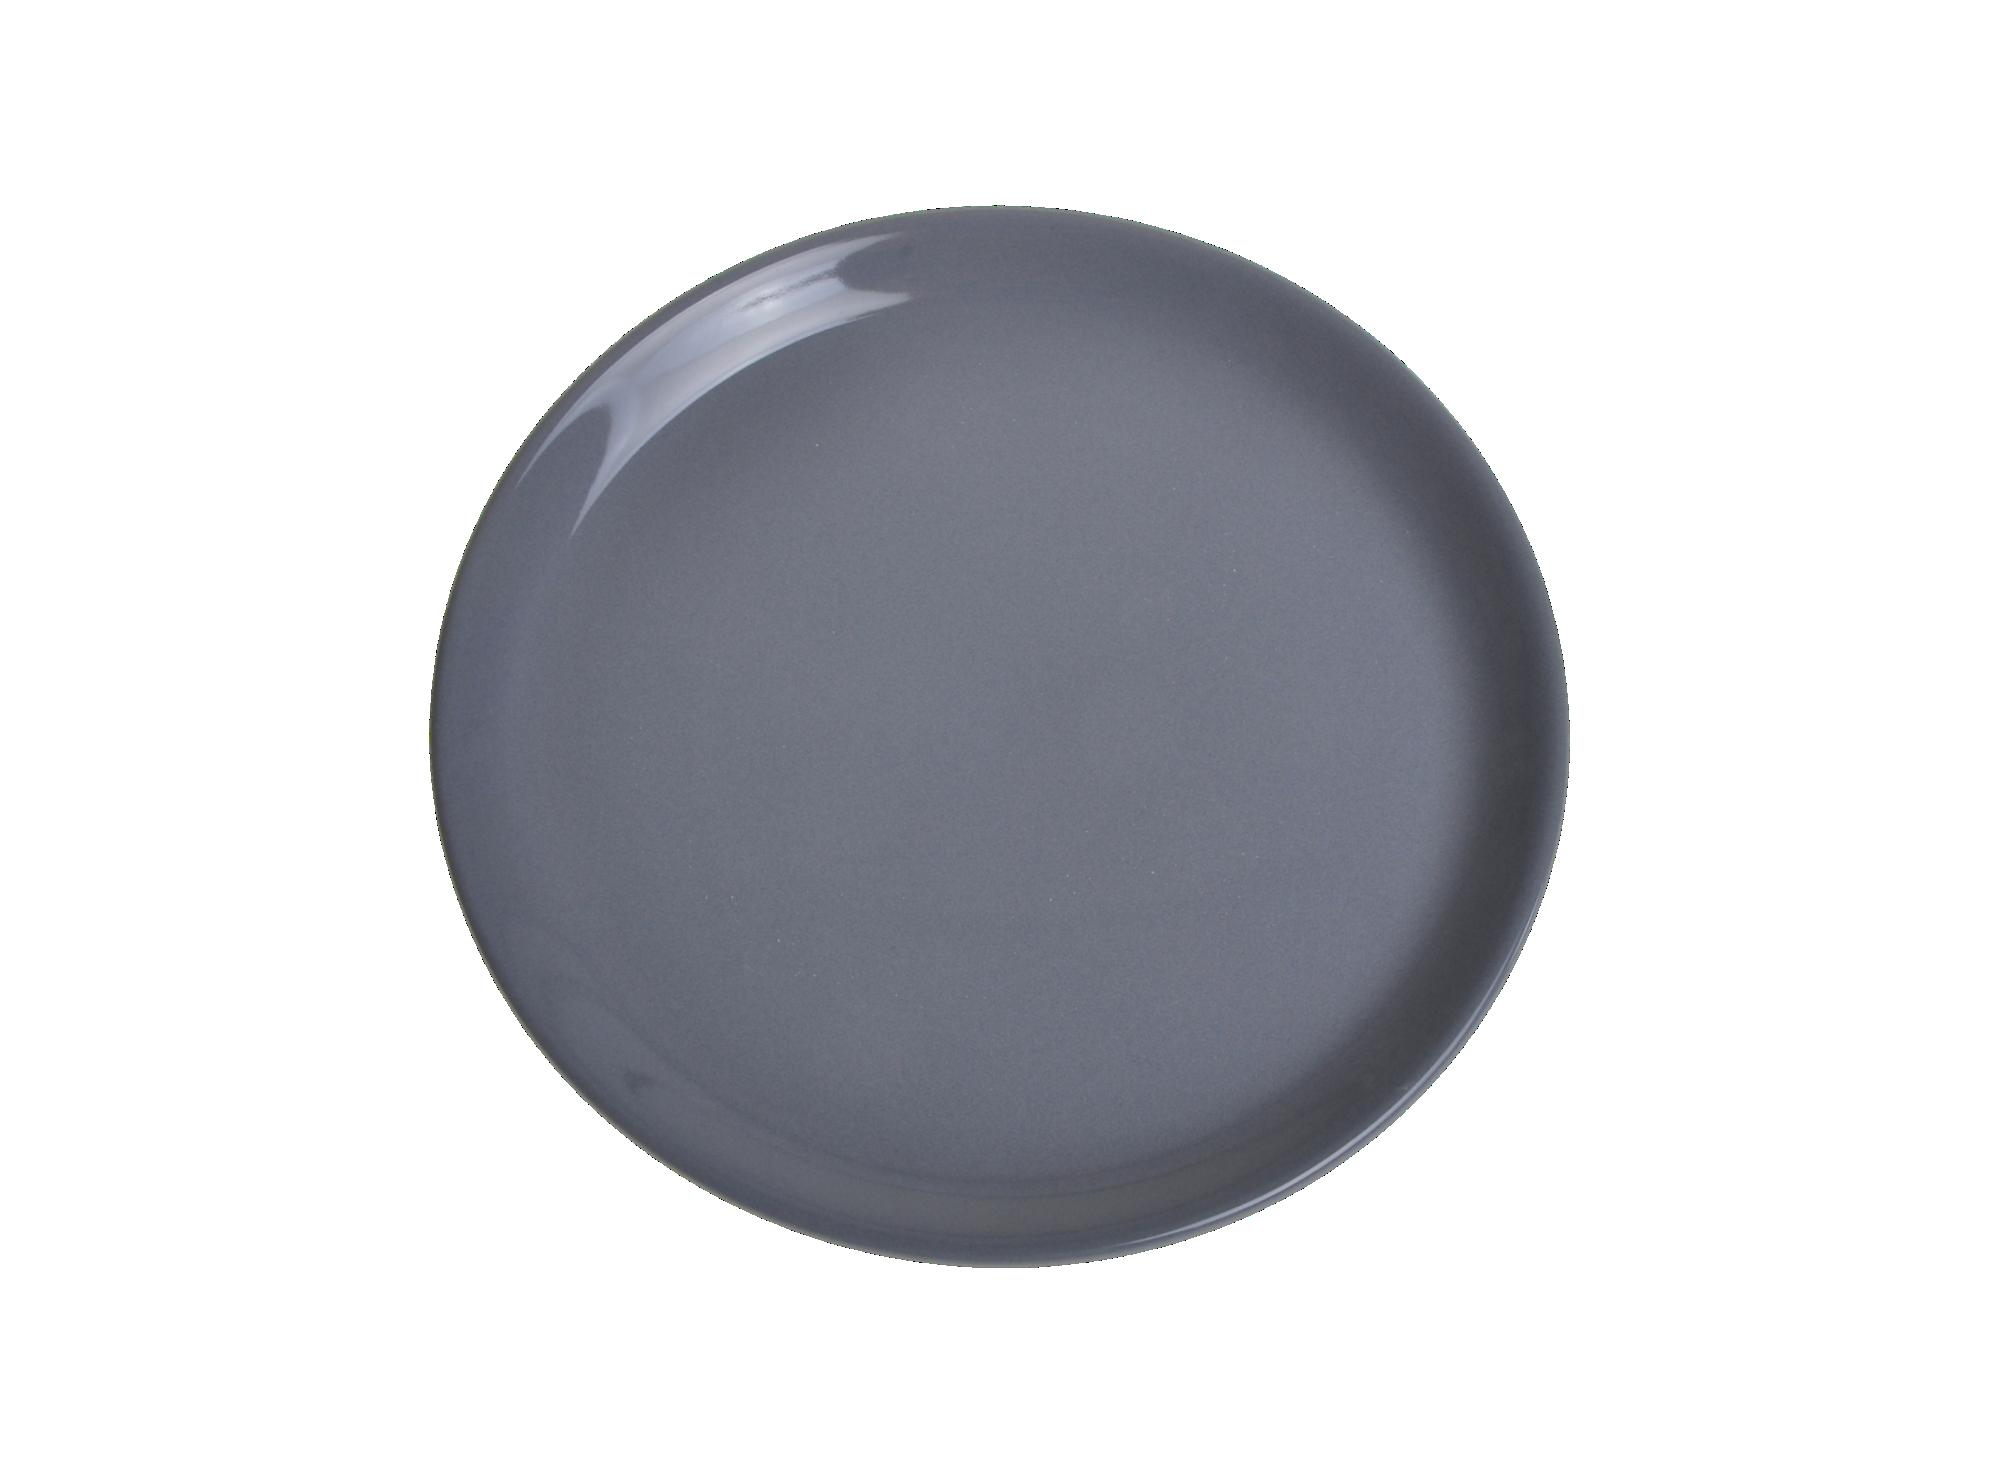 Assiette plate en faience emaillee coloris anthracite resiste au lave ...